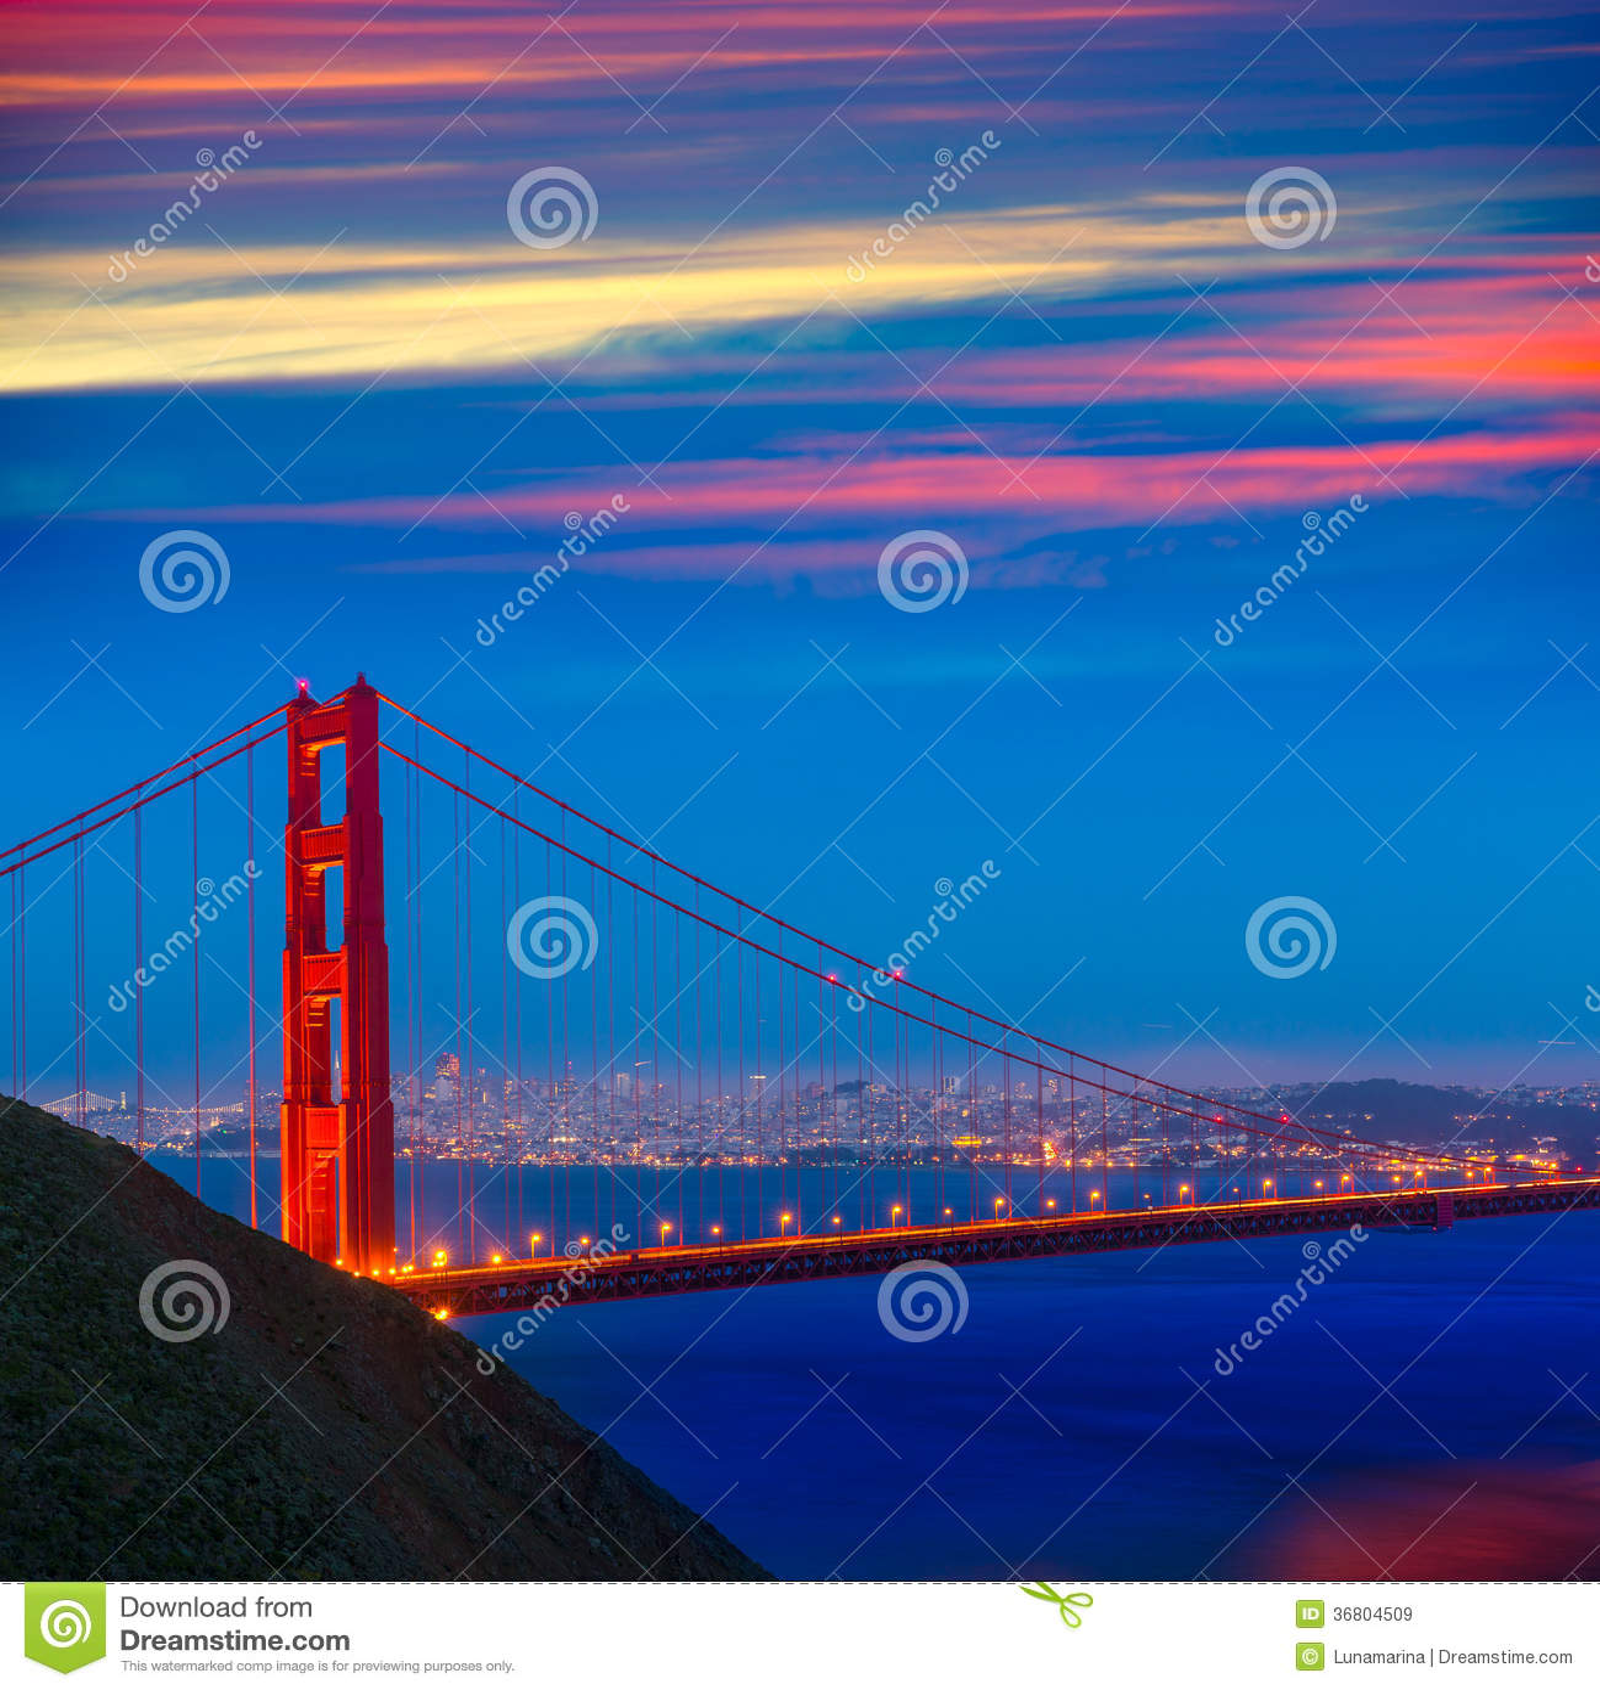 Golden Gate Bridge San Francisco California Sunset Picture: San Francisco Golden Gate Bridge Sunset California Royalty